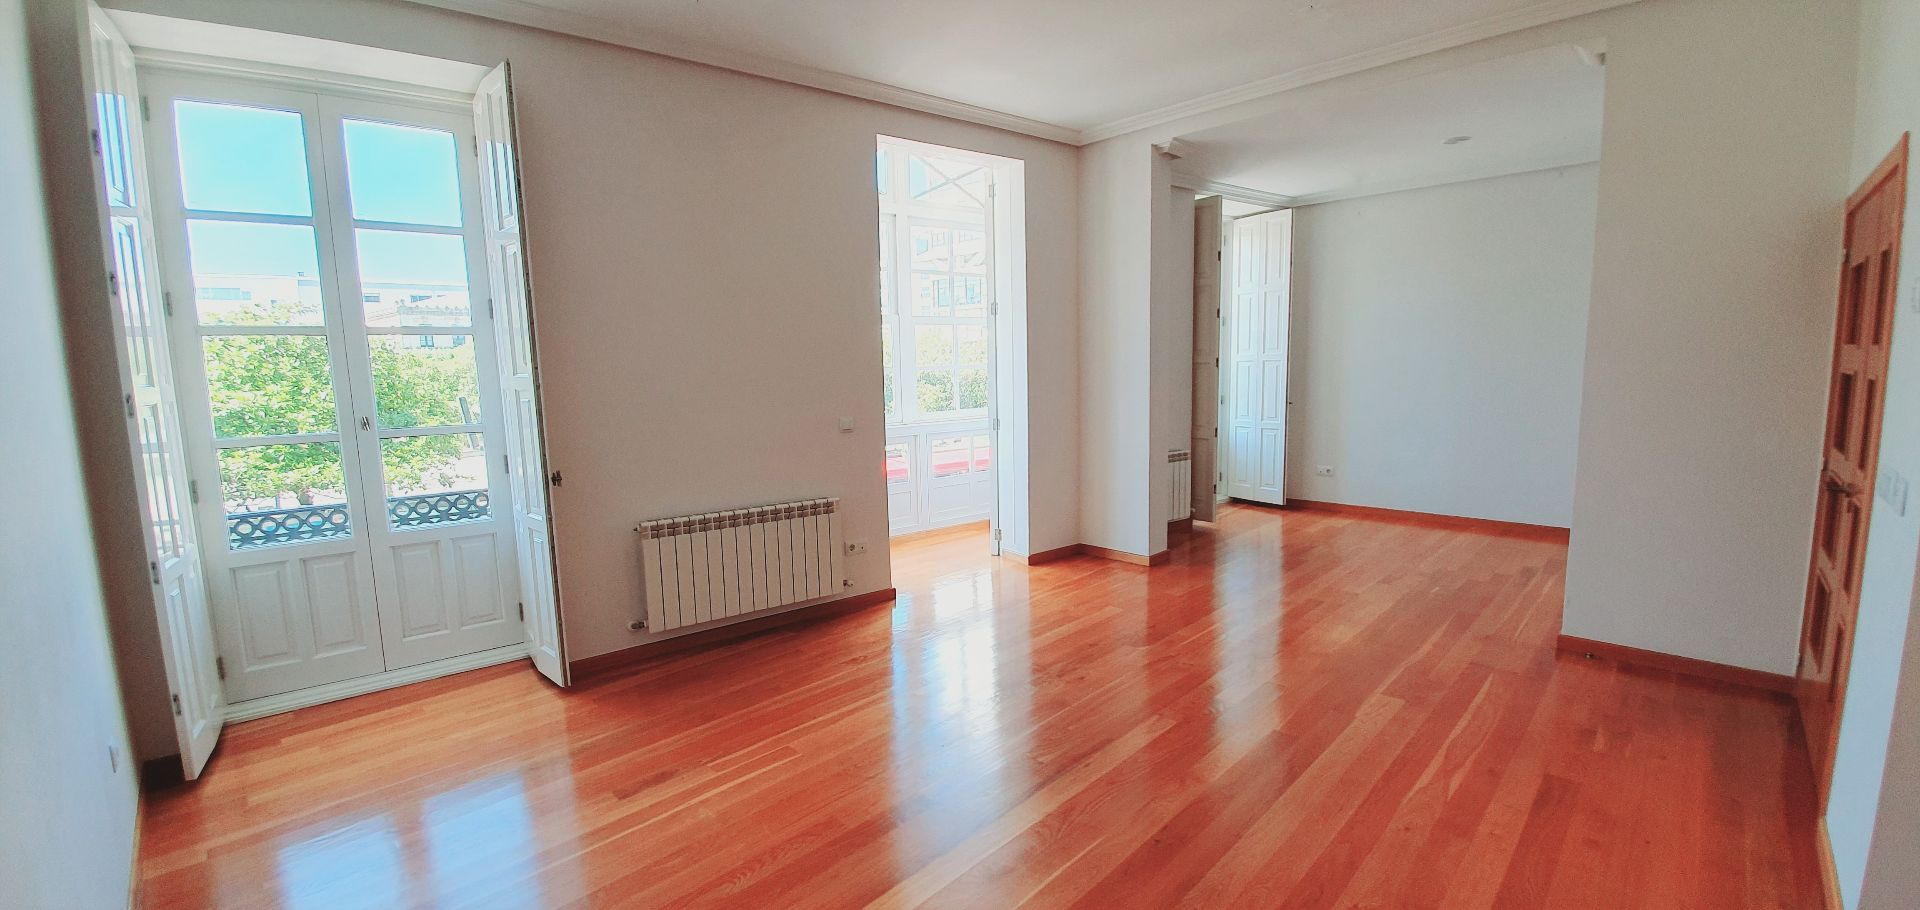 Lägenhet i A Coruña, Centro - Juan Flórez - Plaza Pontevedra, till salu